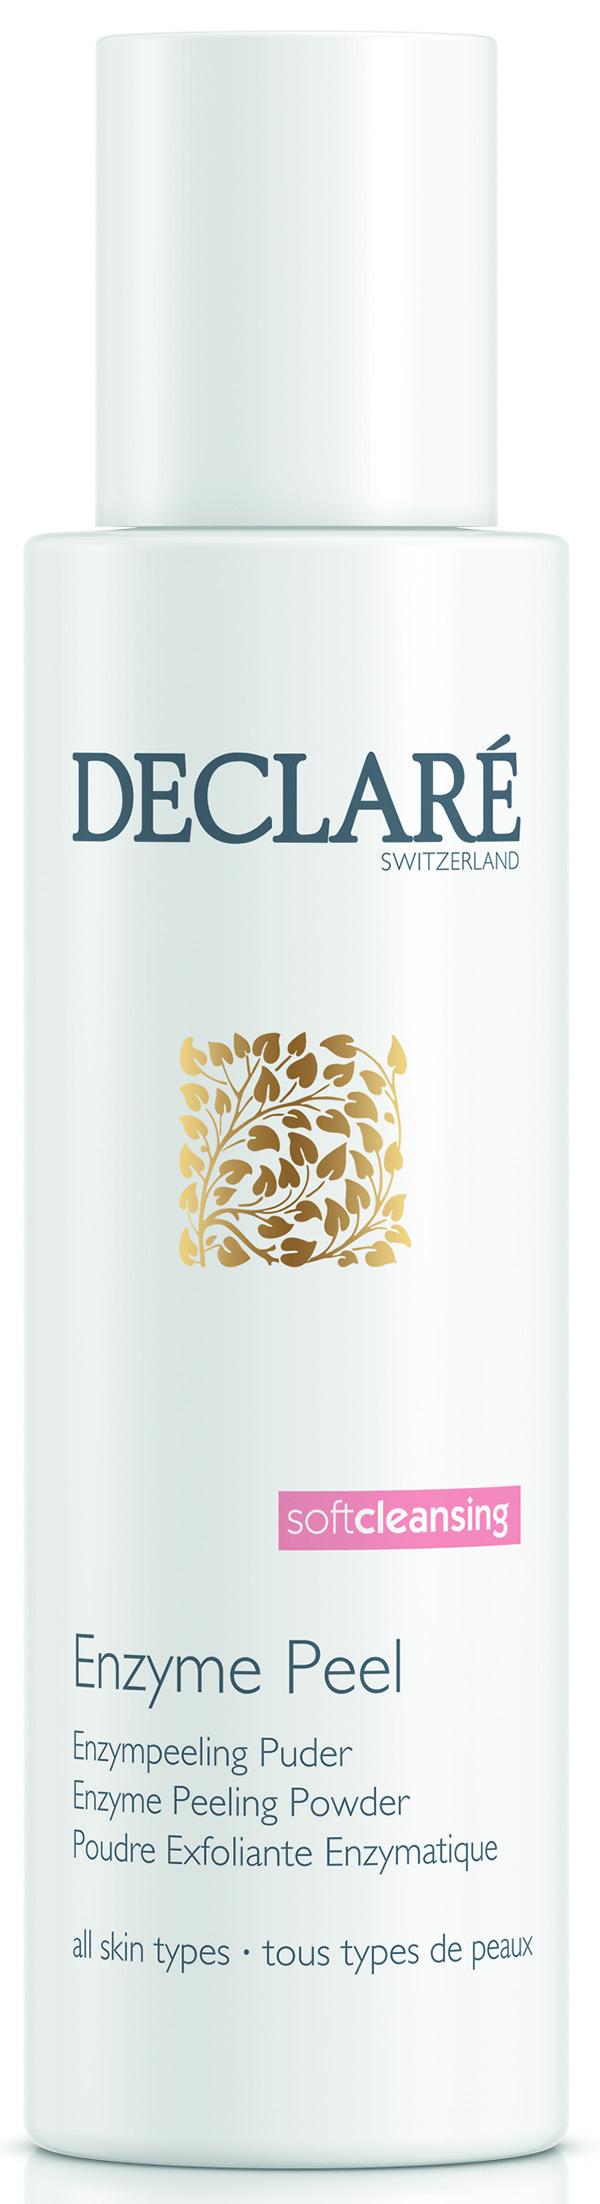 DECLARE Пилинг мягкий энзимный для лица / Enzyme Peel 50 г абрикосовые косточки в пензе